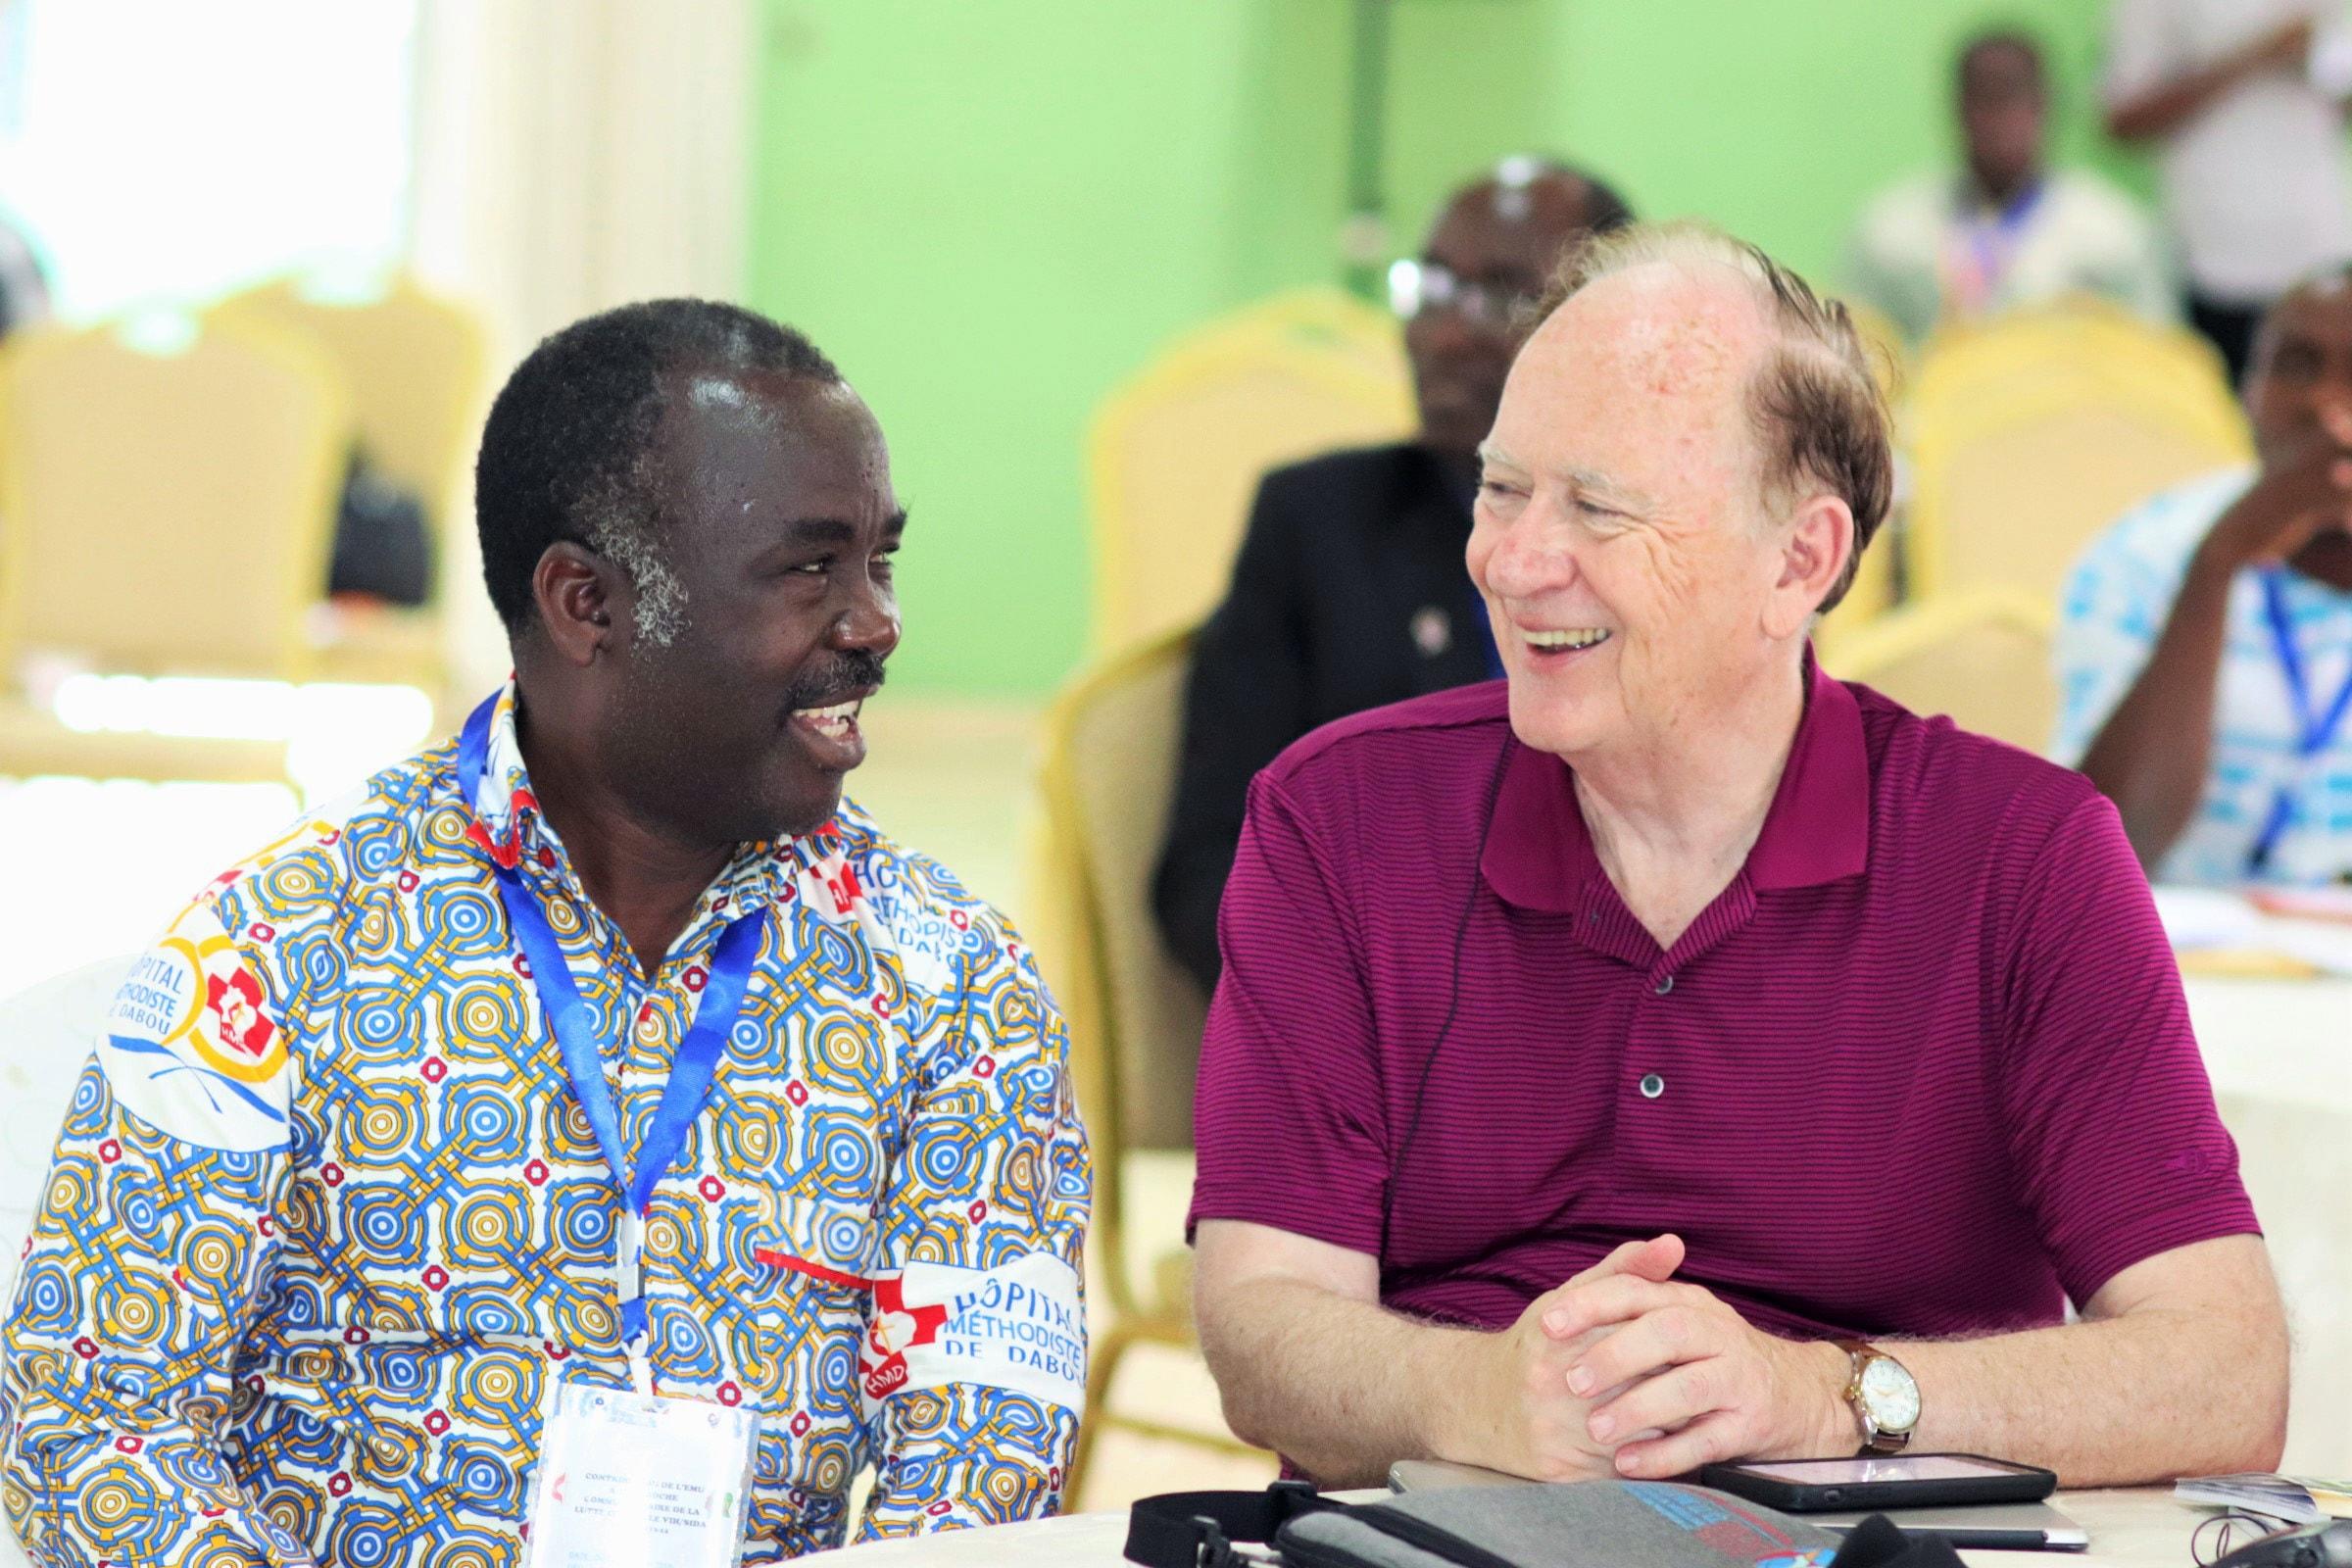 Le Dr Daniel Ahui (à gauche), directeur de l'Hôpital Méthodiste Uni de Dabou, et le Révérend Donald Messer, directeur exécutif de Center for Health and Hope, s'entretiennent pendant le sommet. L'hôpital de Dabou fournit des soins à 1 362 patients atteints du VIH. Photo de Isaac Broune, UMNS.